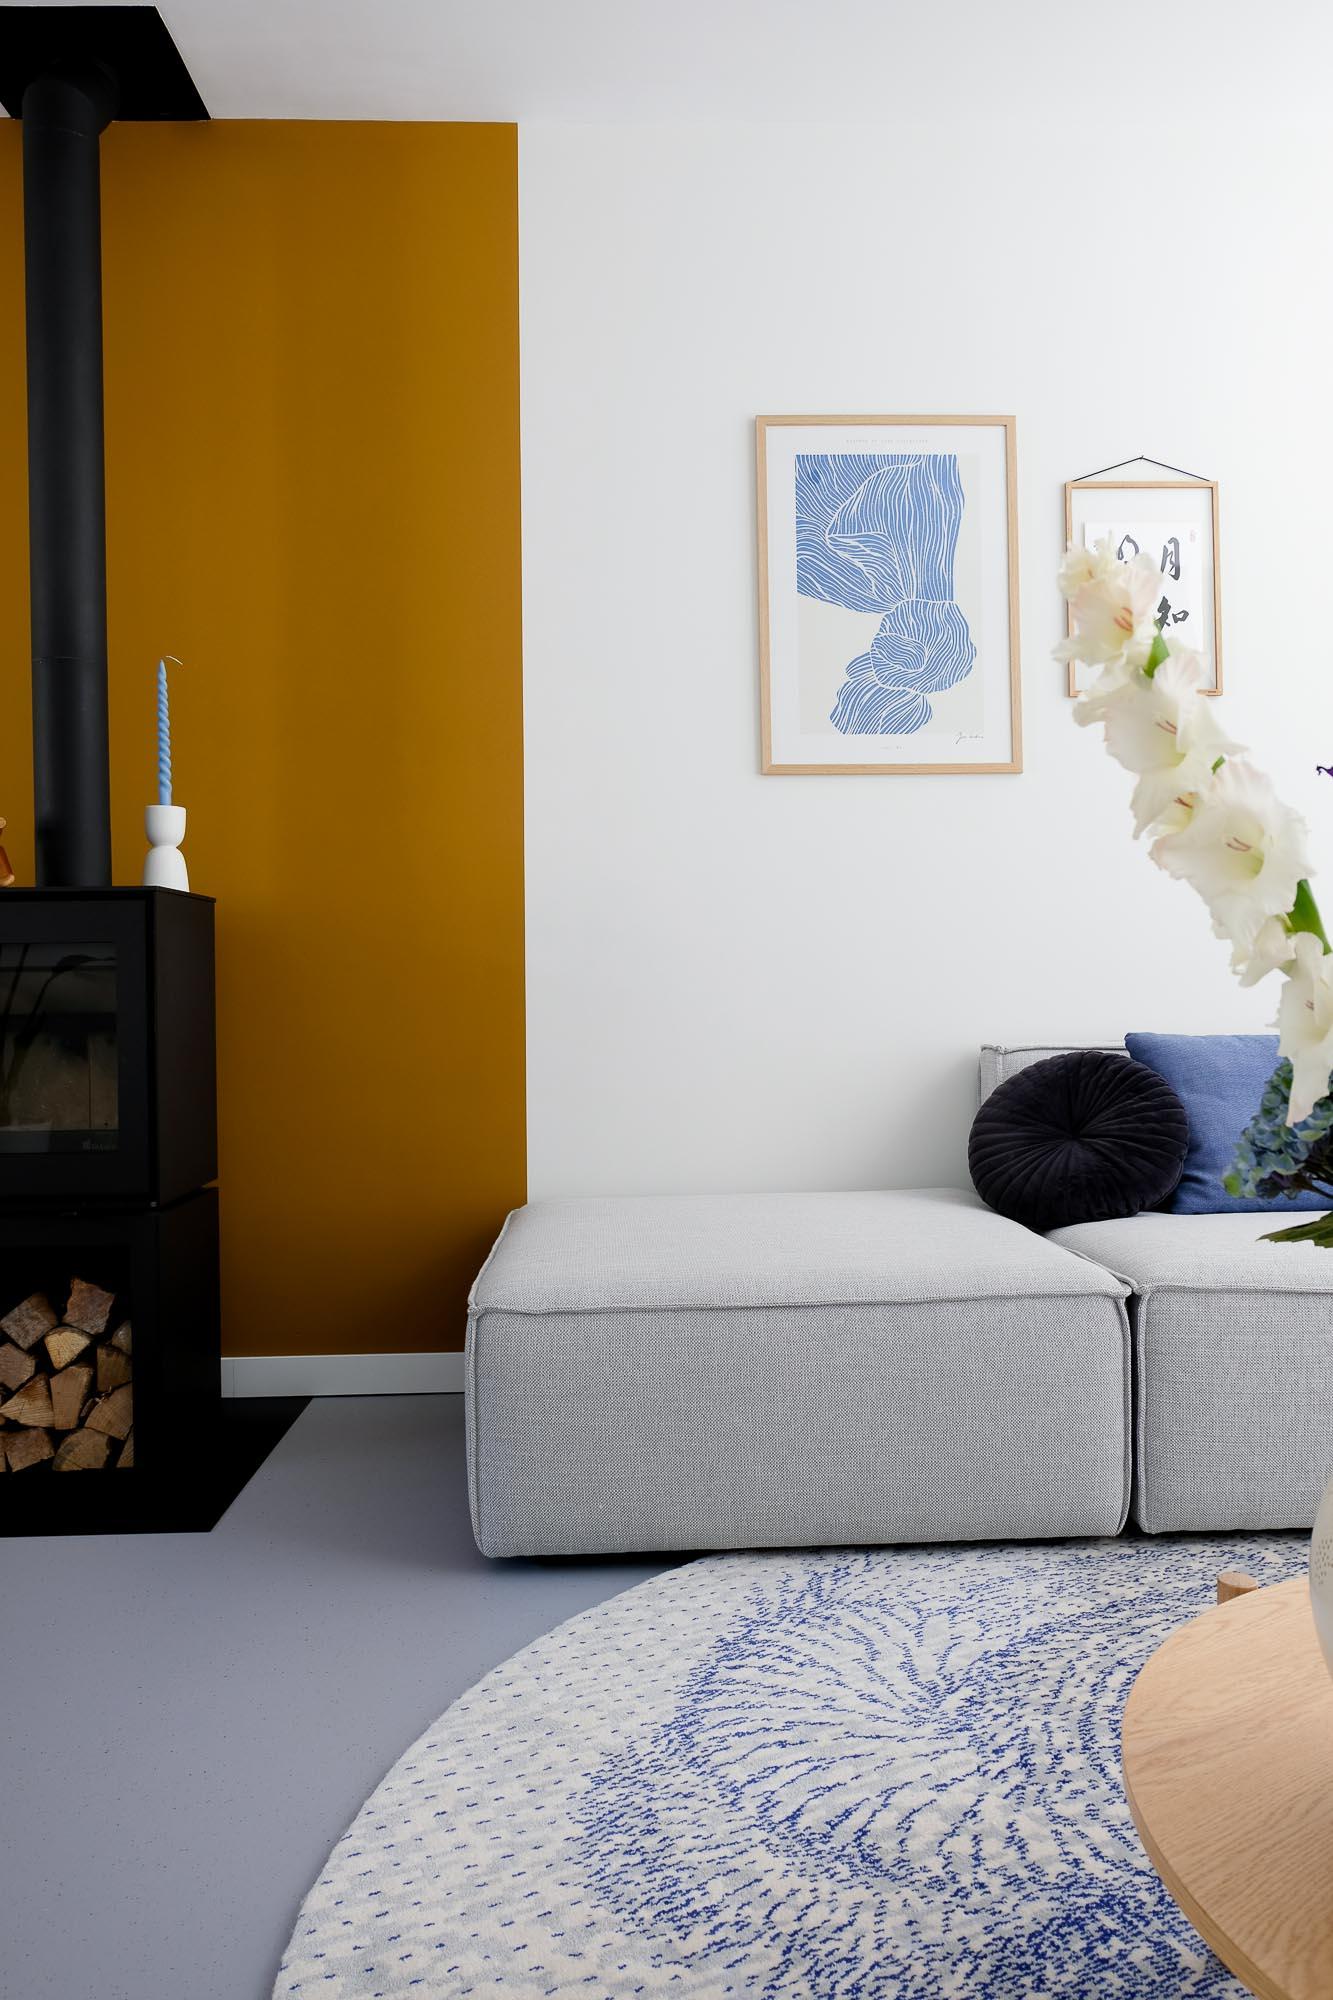 sofacompany